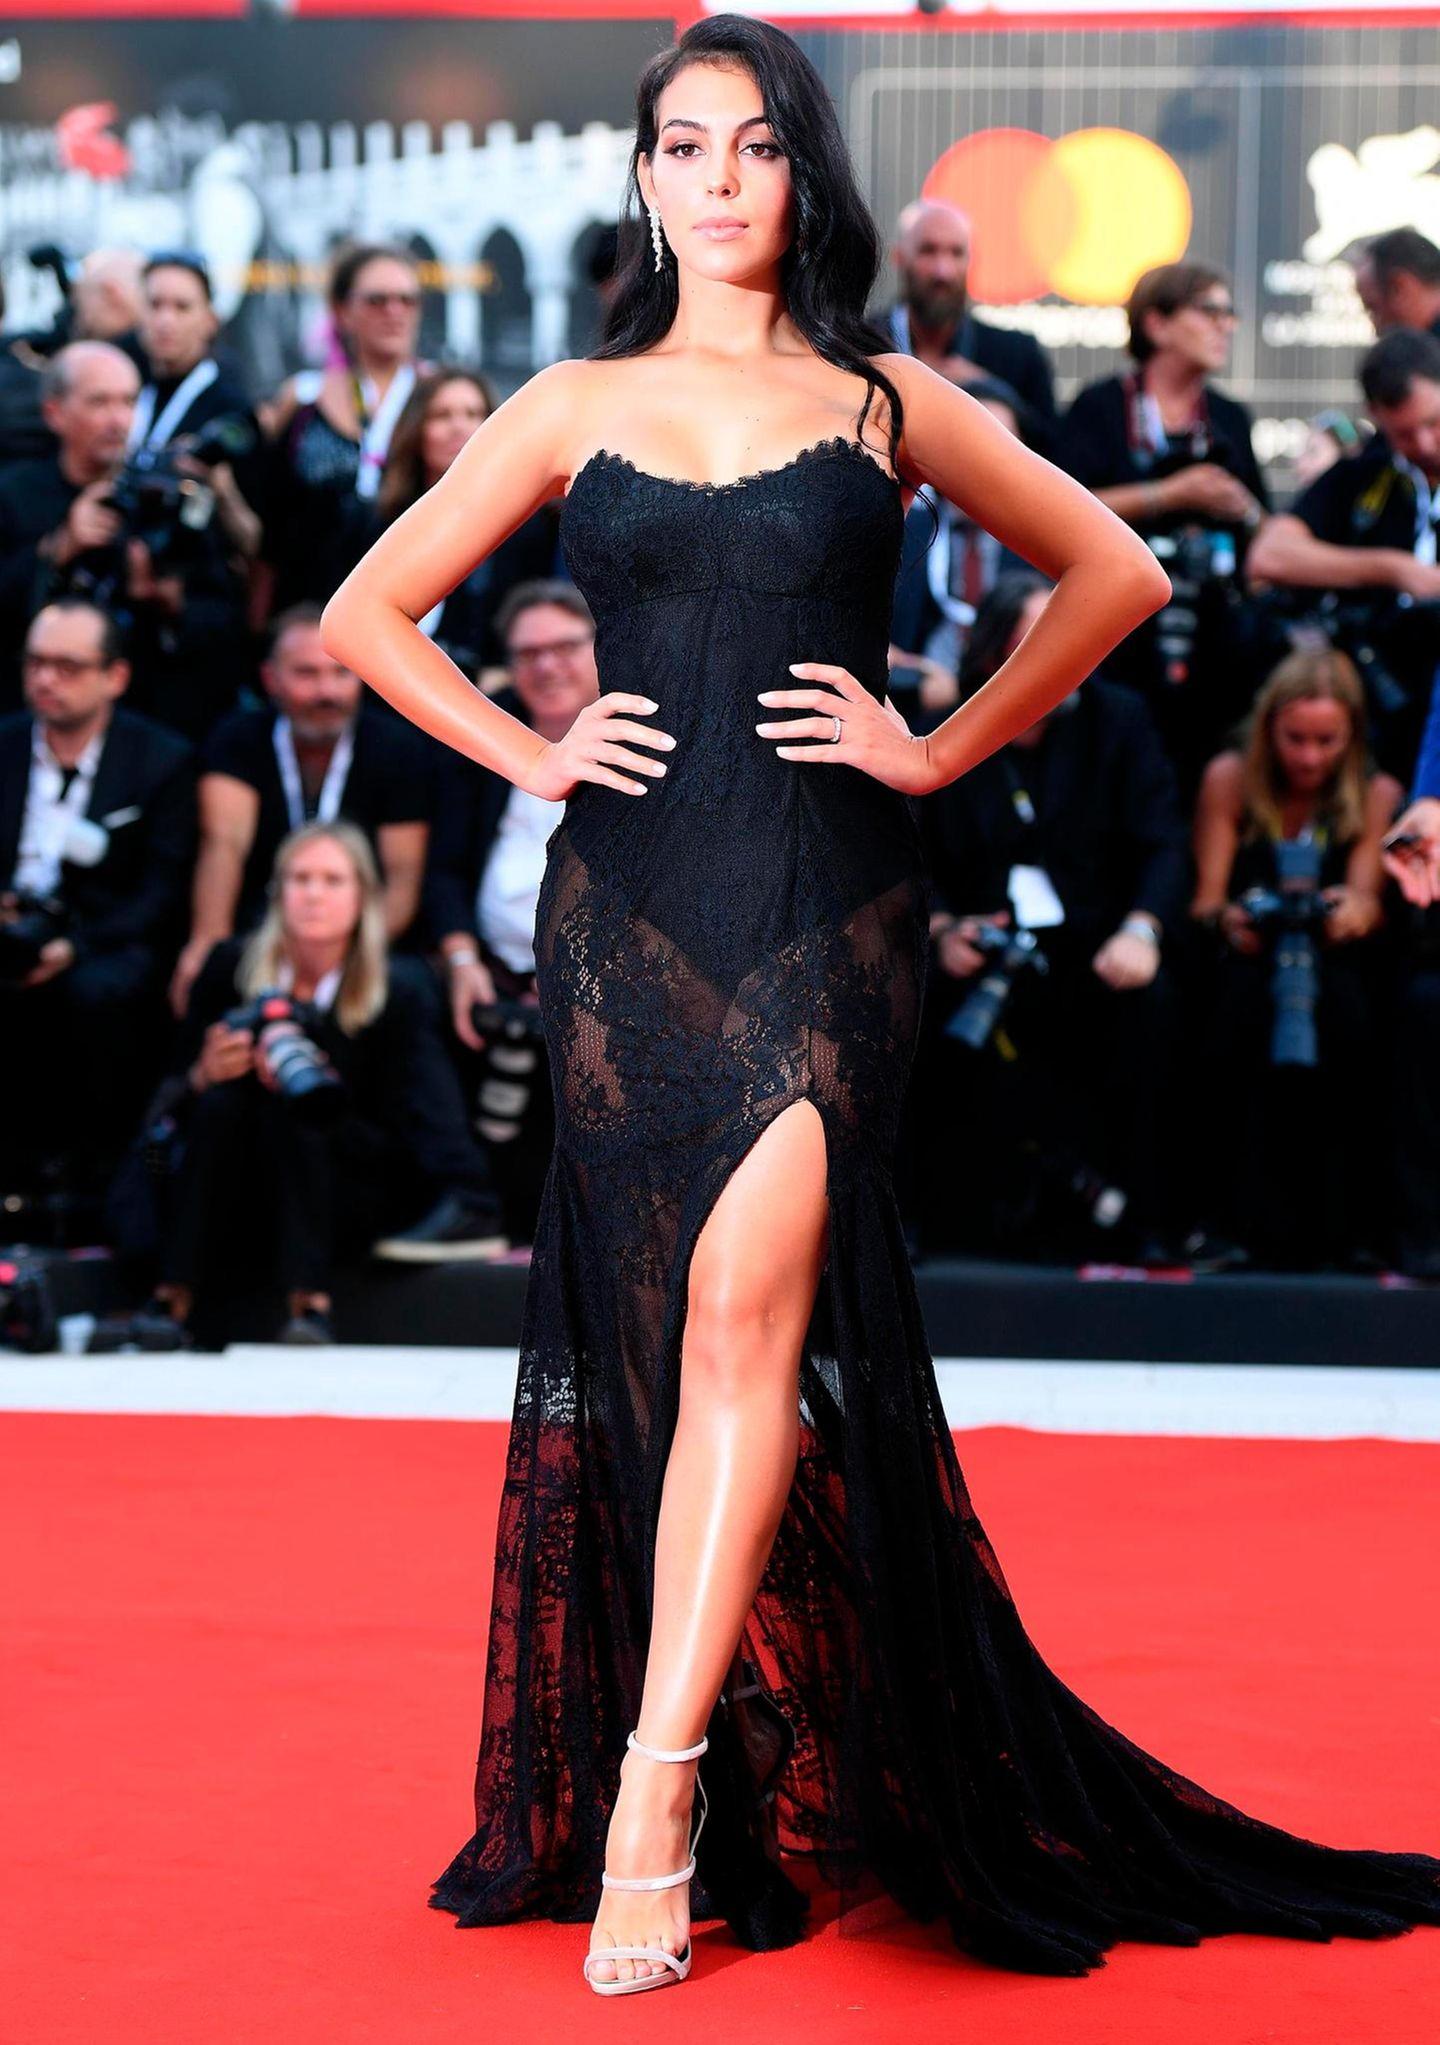 Fußballstar Cristiano Ronaldo spielt seit dieser Saison für Juventus Turin, da darf seine Freundin Georgina Rodriguez auf dem Filmfest in Venedig nicht fehlen. Die 24-Jährige posierte im schwarzen Spitzenkleid auf dem roten Teppich.